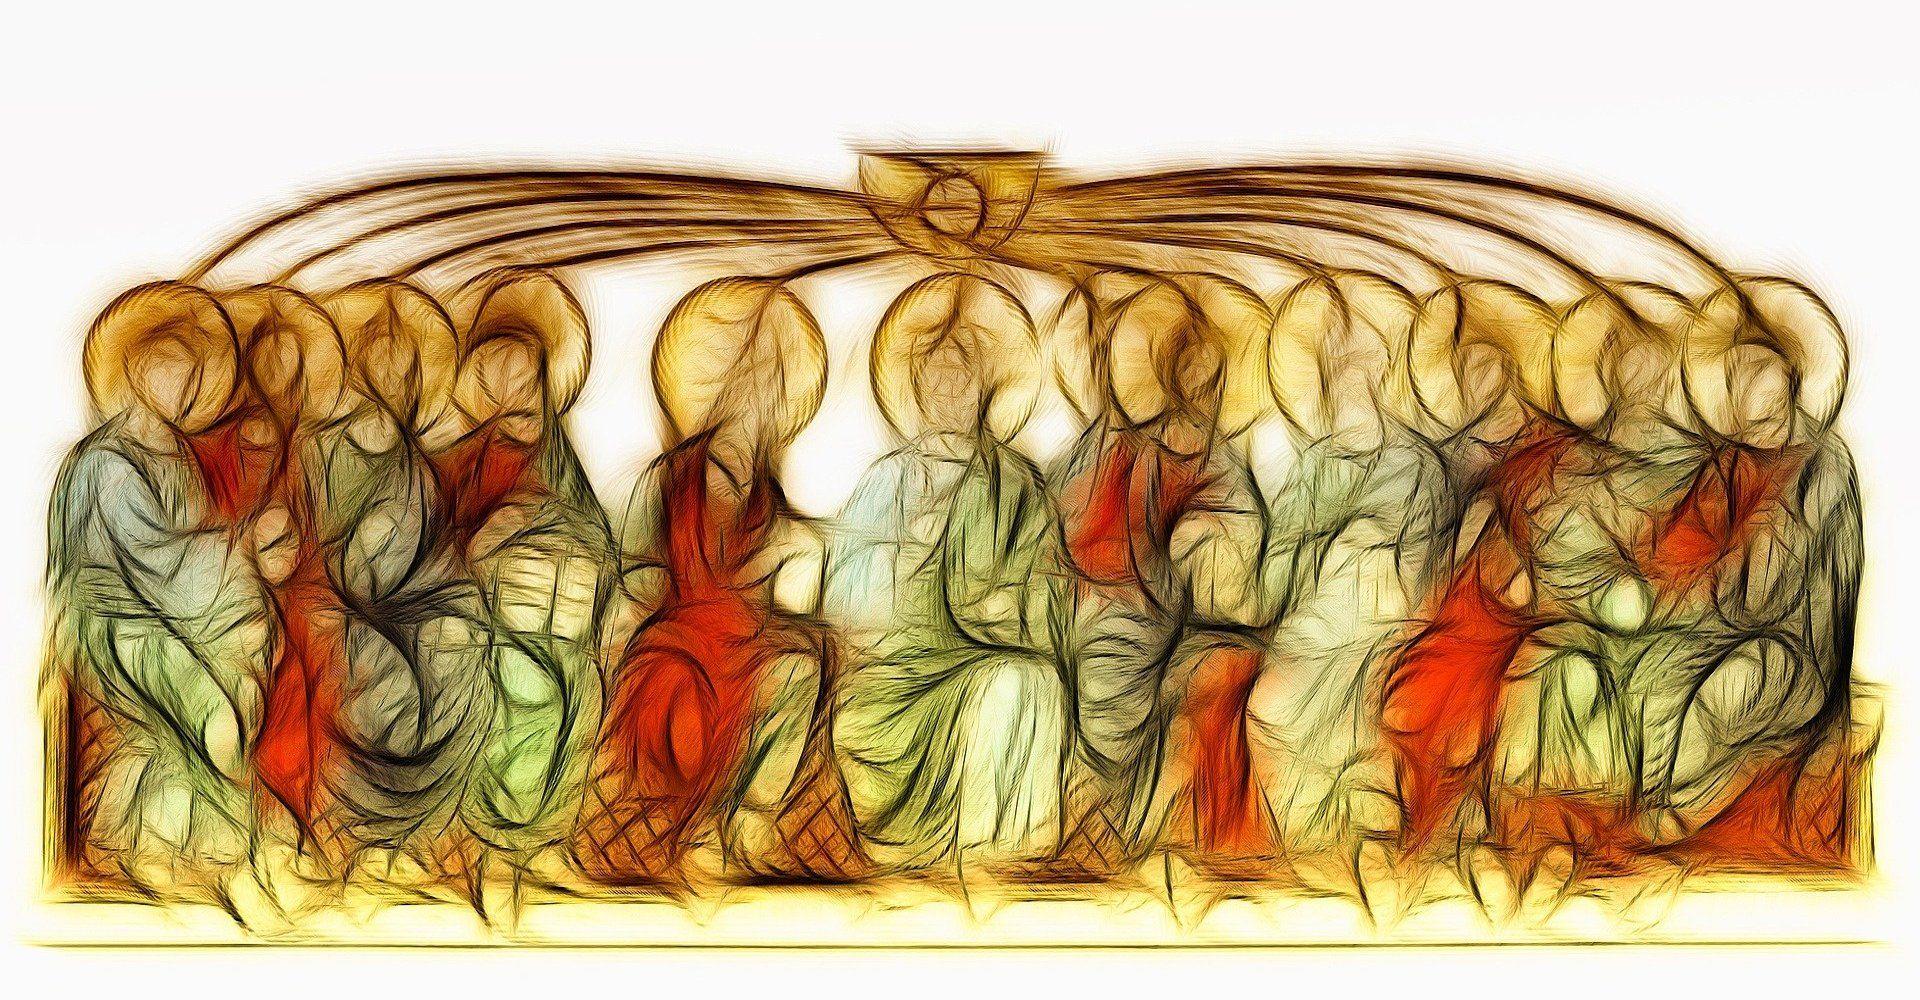 Novena of prayer in preparation for Pentecost